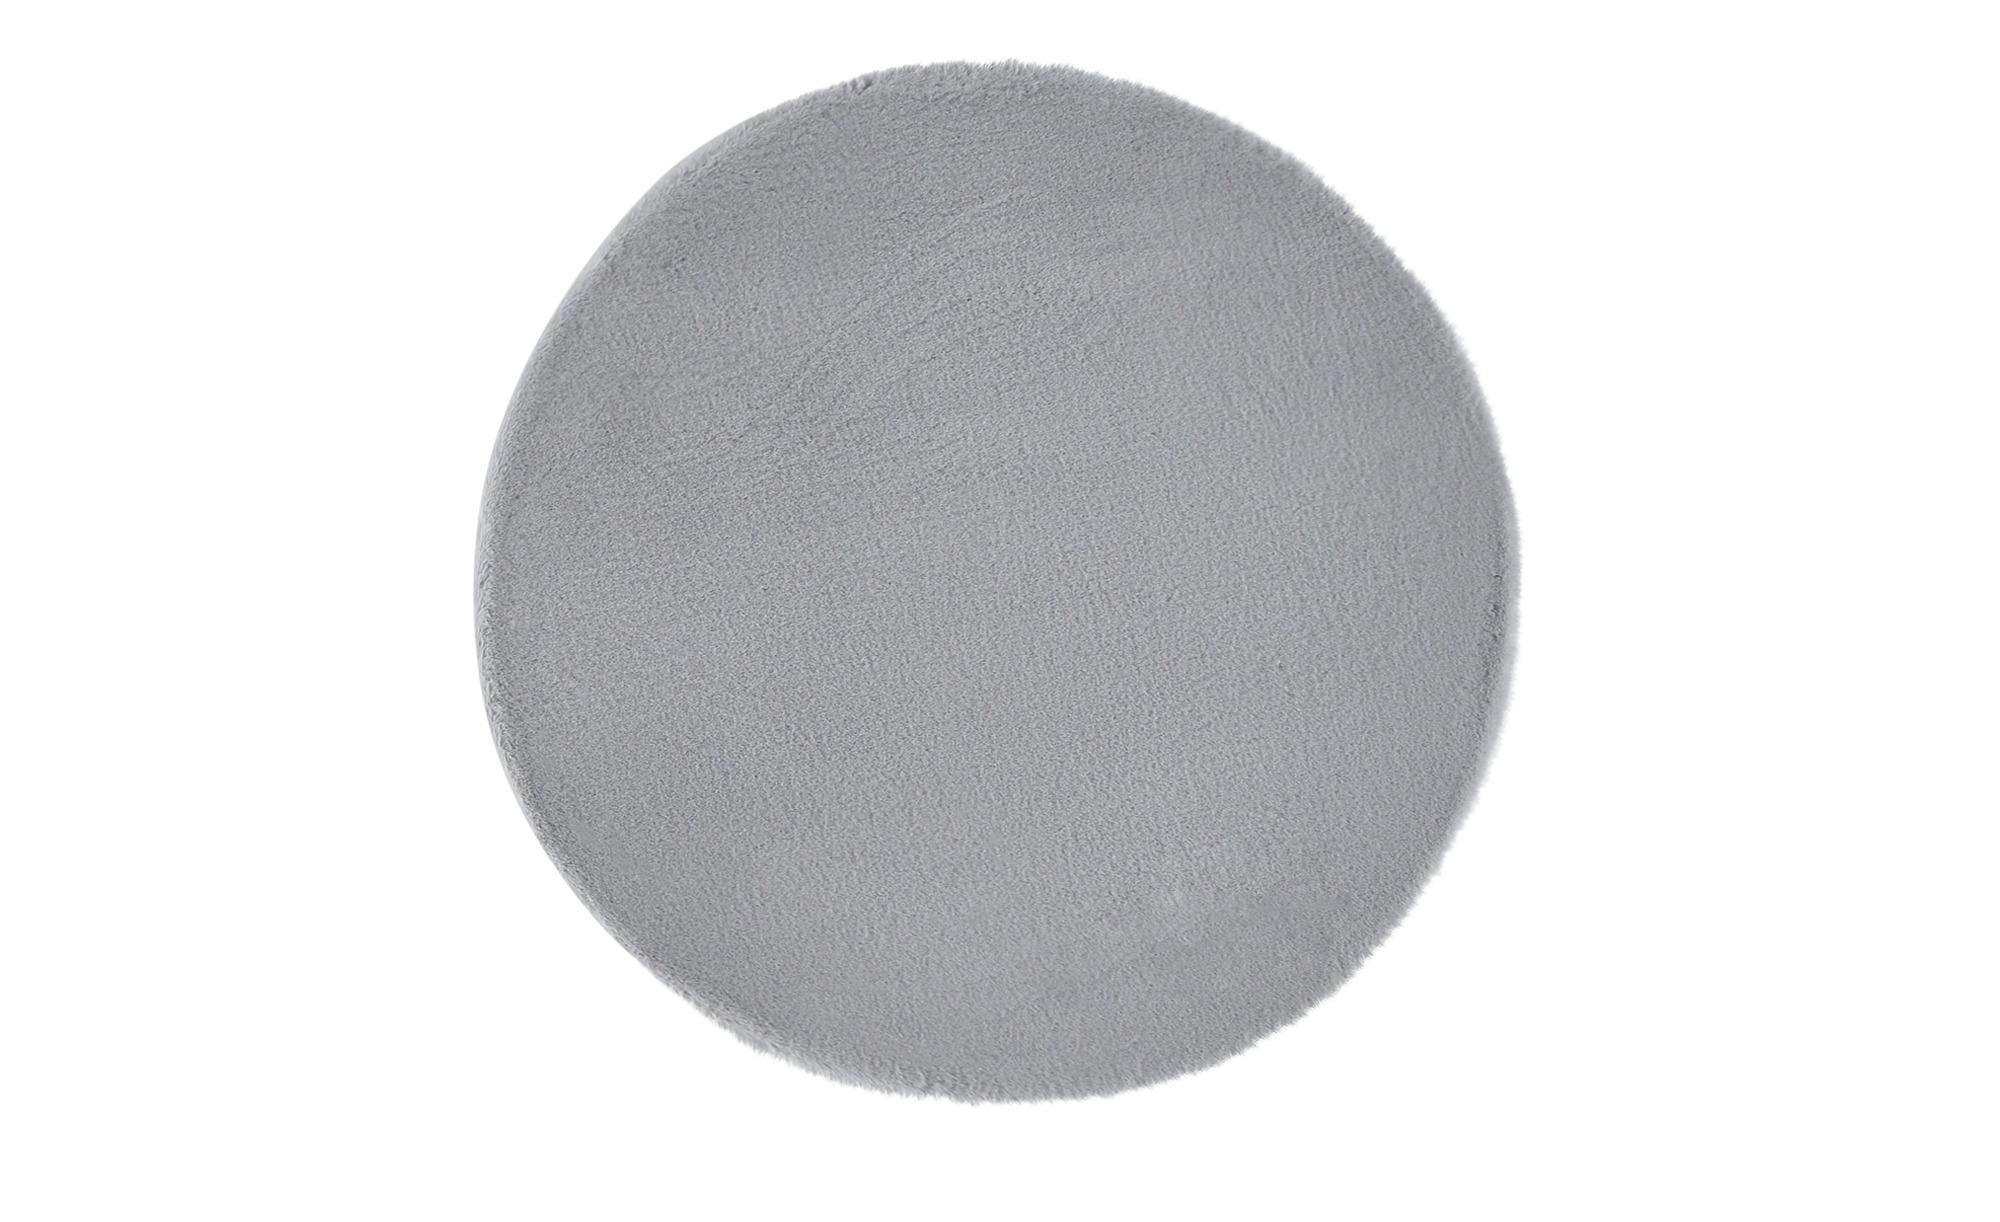 Tuft-Teppich  Plush ¦ grau ¦ 100% PolyesterØ: [120.0] Teppiche > Wohnteppiche - Höffner